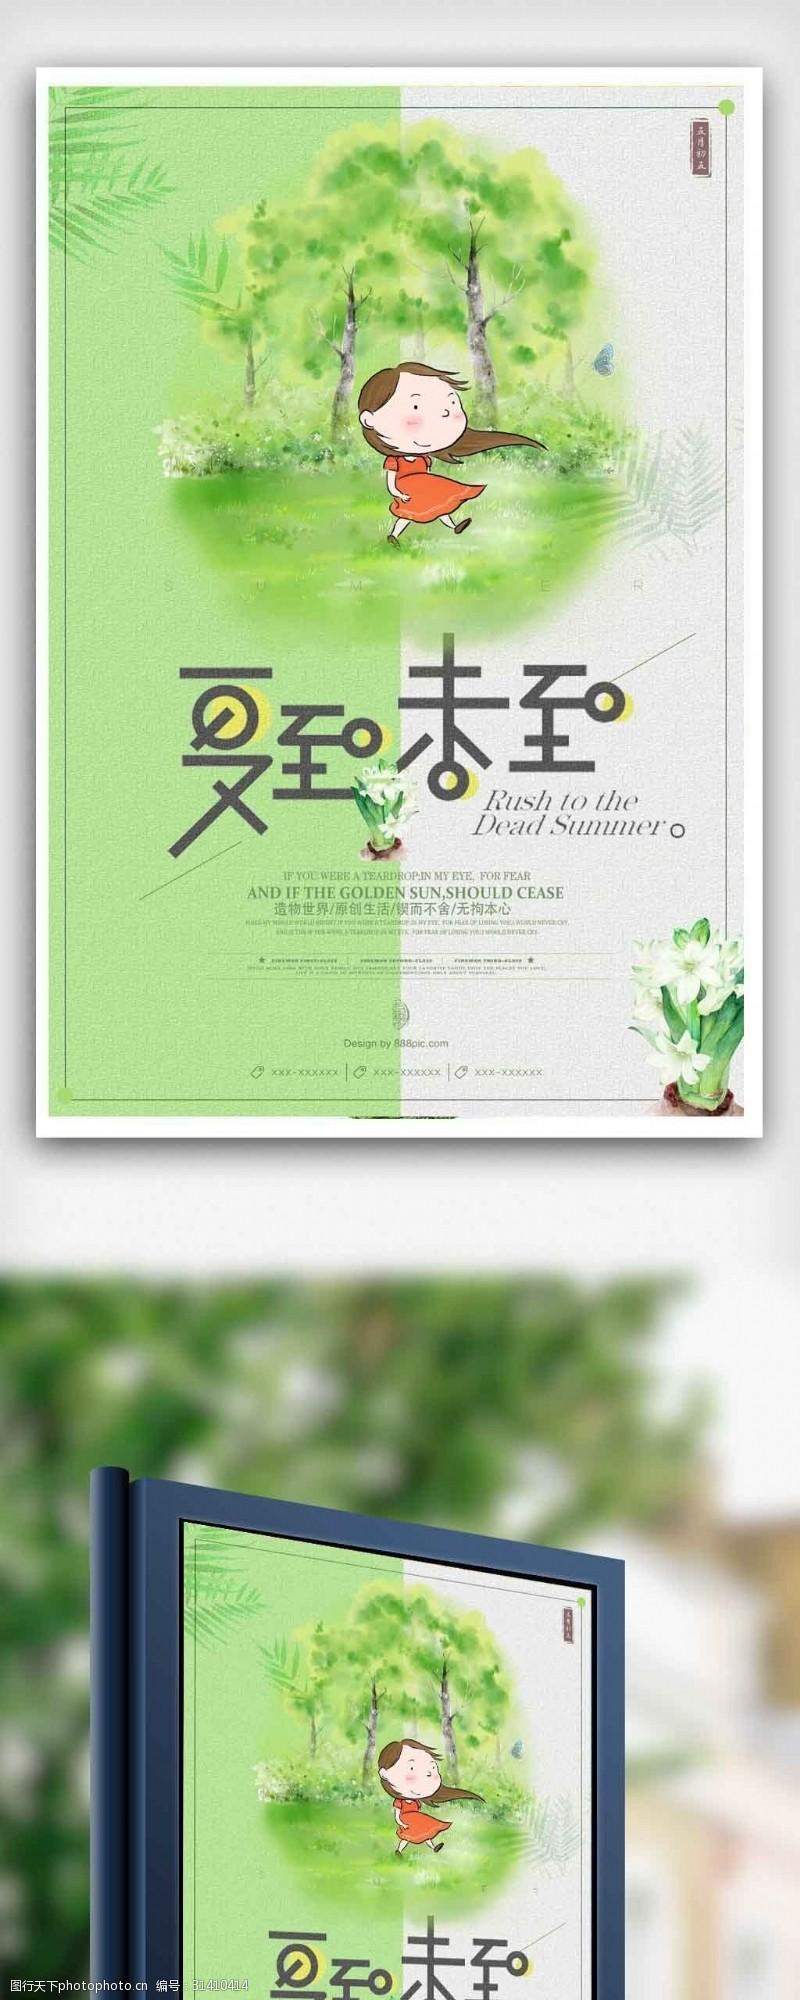 清新夏至未至夏季促销海报设计